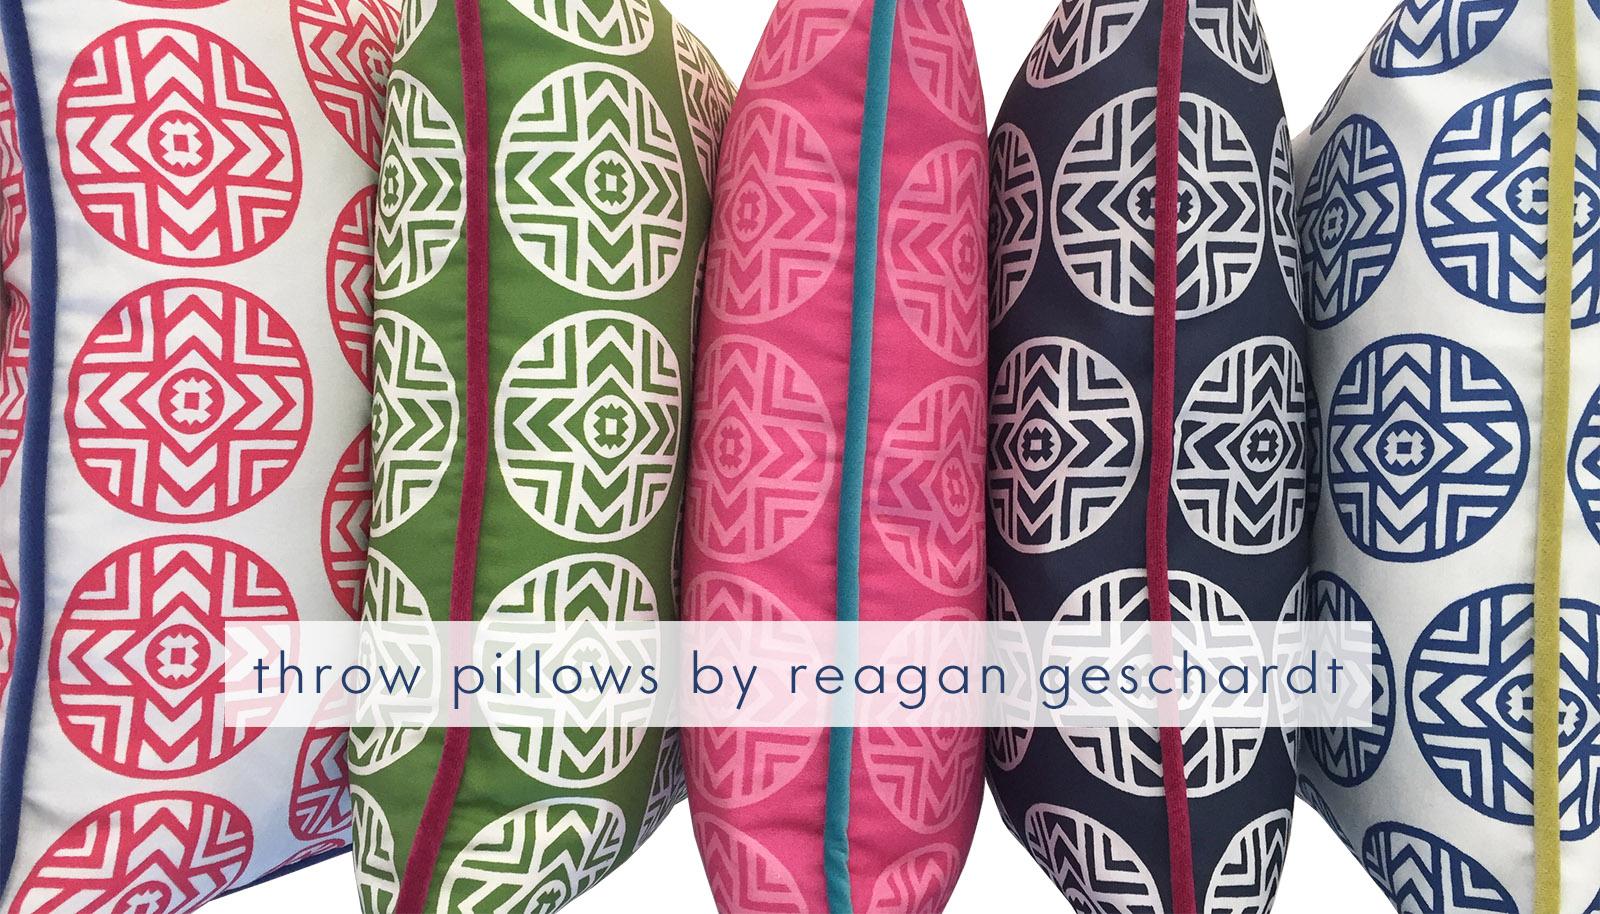 shopify-slideshow-reagan-geschardt-pillows.jpg